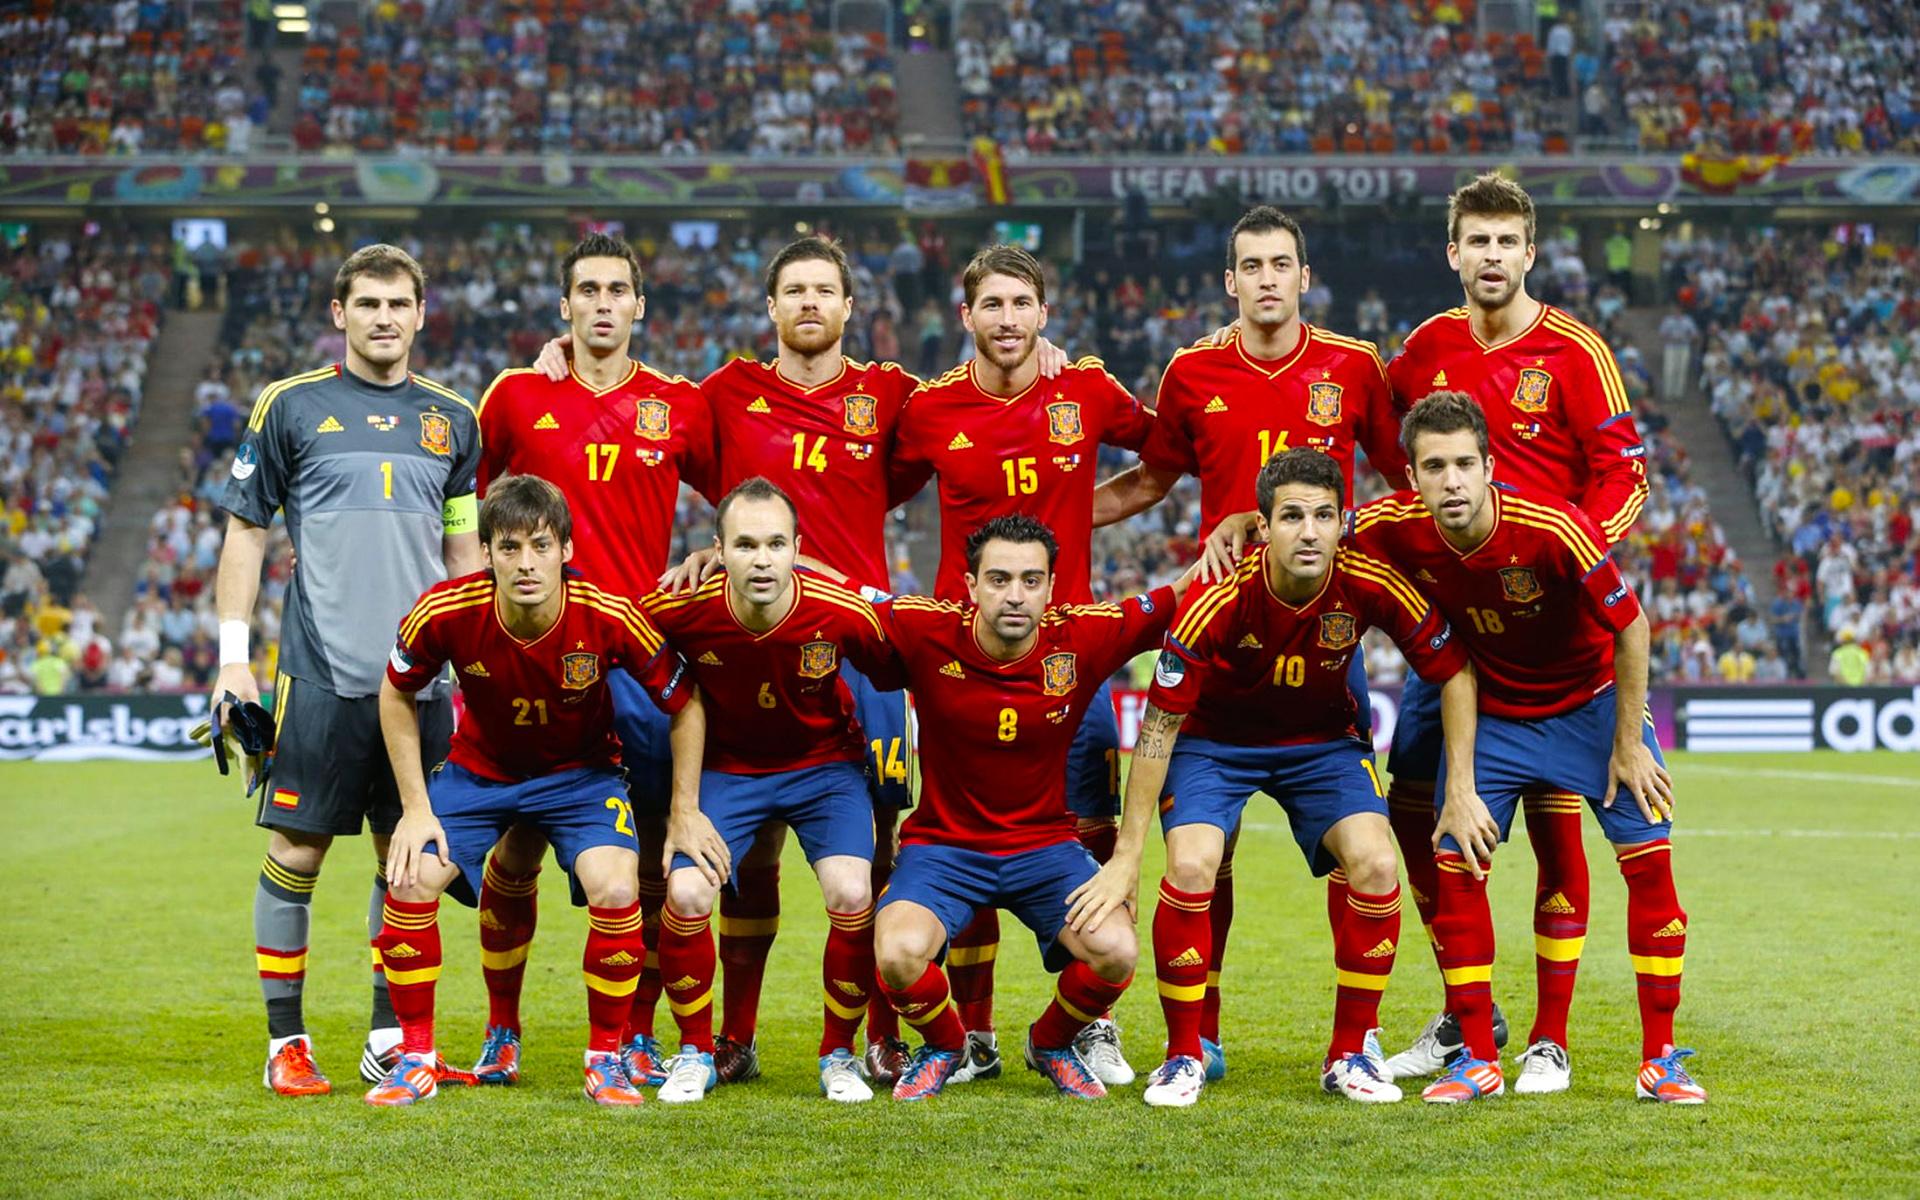 Ставки на матч Испания – Россия. Прогноз на ЧМ 2018 по футболу 1 Июля. 18 Финала